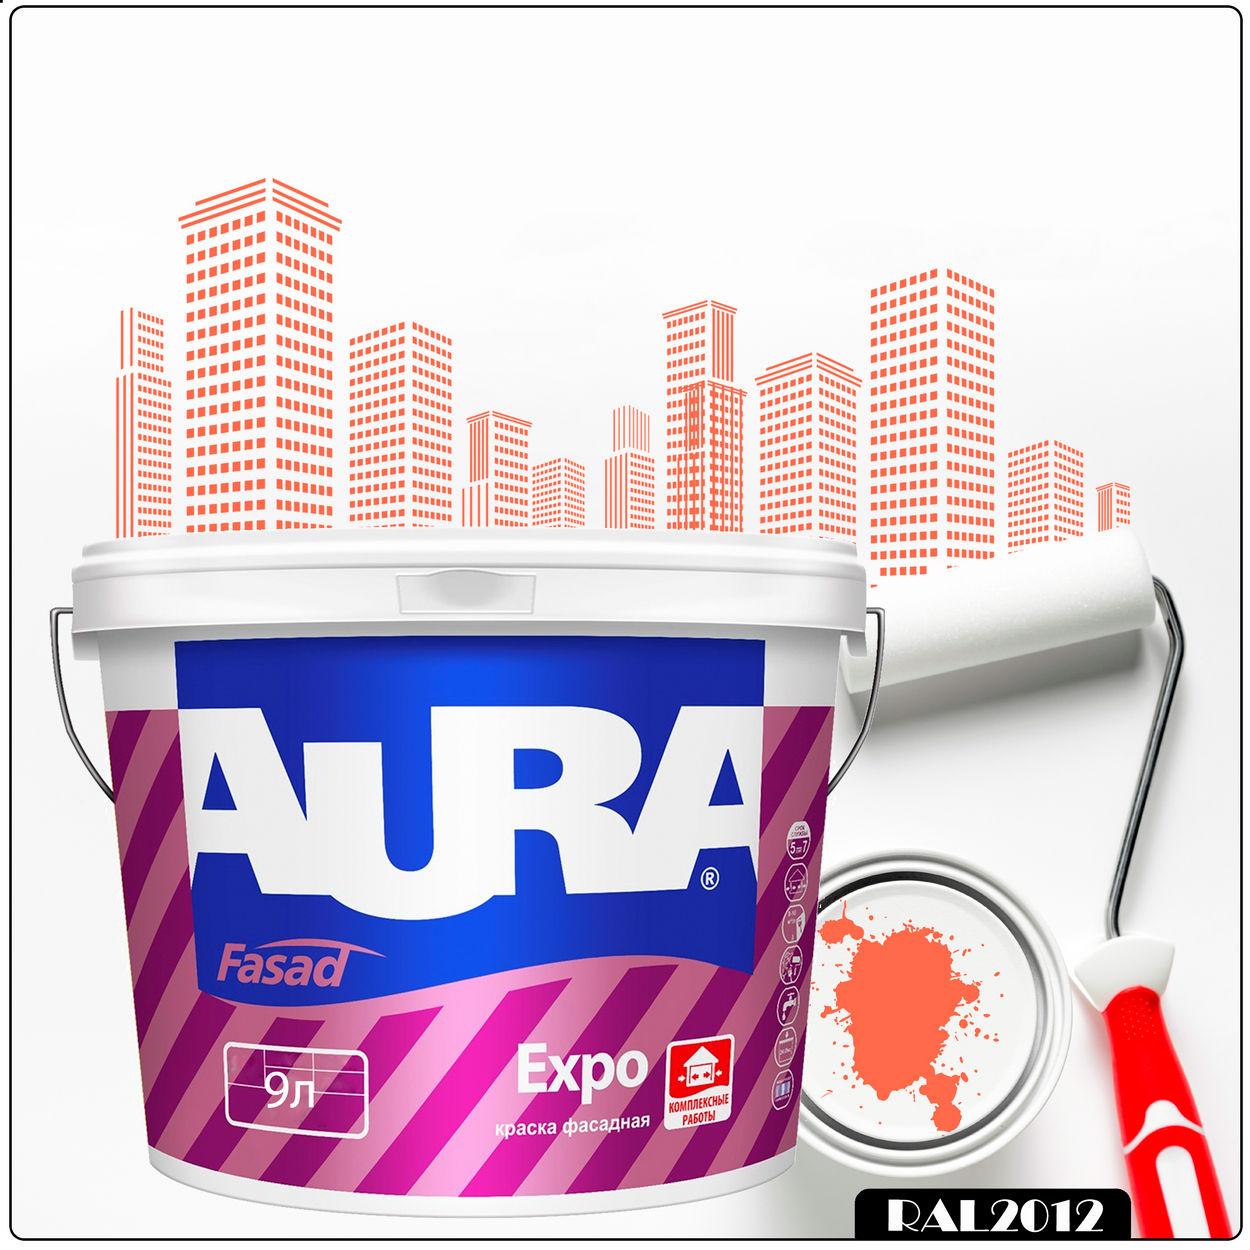 Фото 10 - Краска Aura Fasad Expo, RAL 2012 Лососёво-оранжевый, матовая, для фасадов и помещений с повышенной влажностью, 9л.